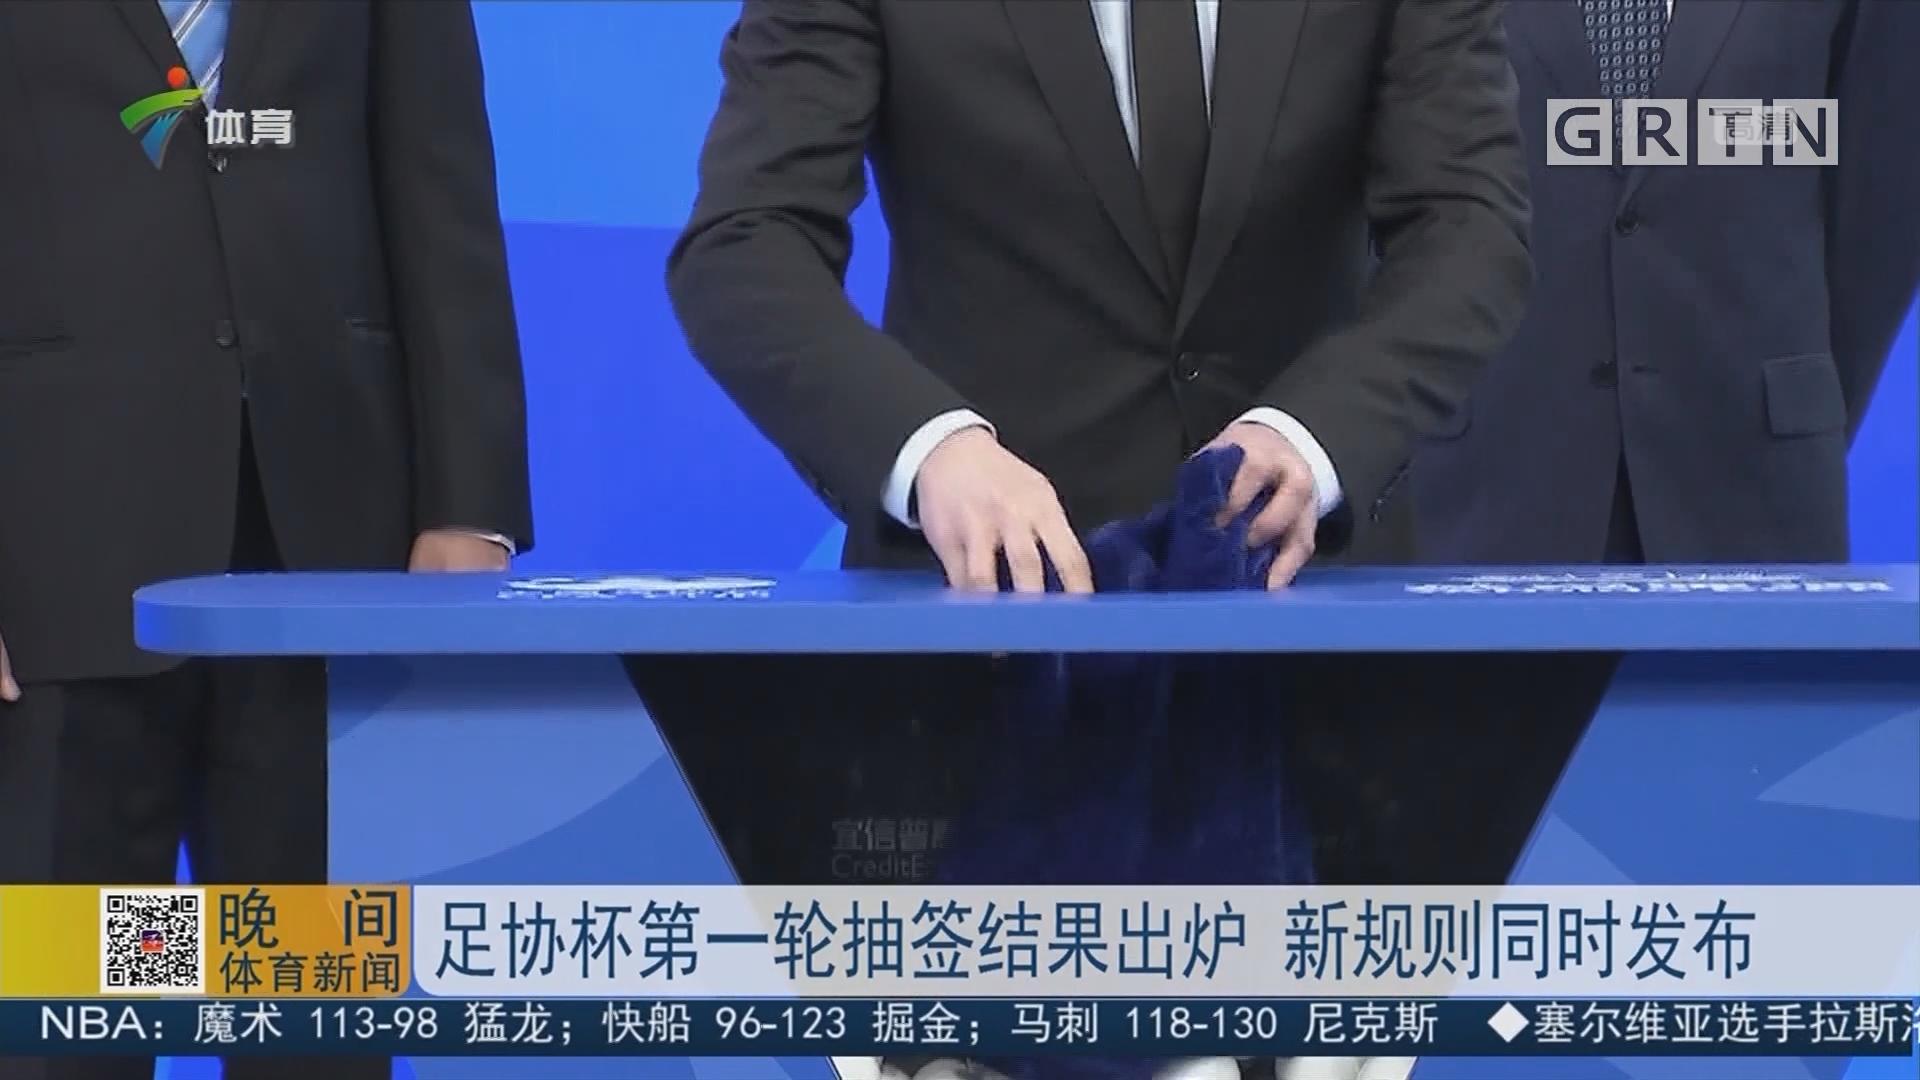 足协杯第一轮抽签结果出炉 新规则同时发布